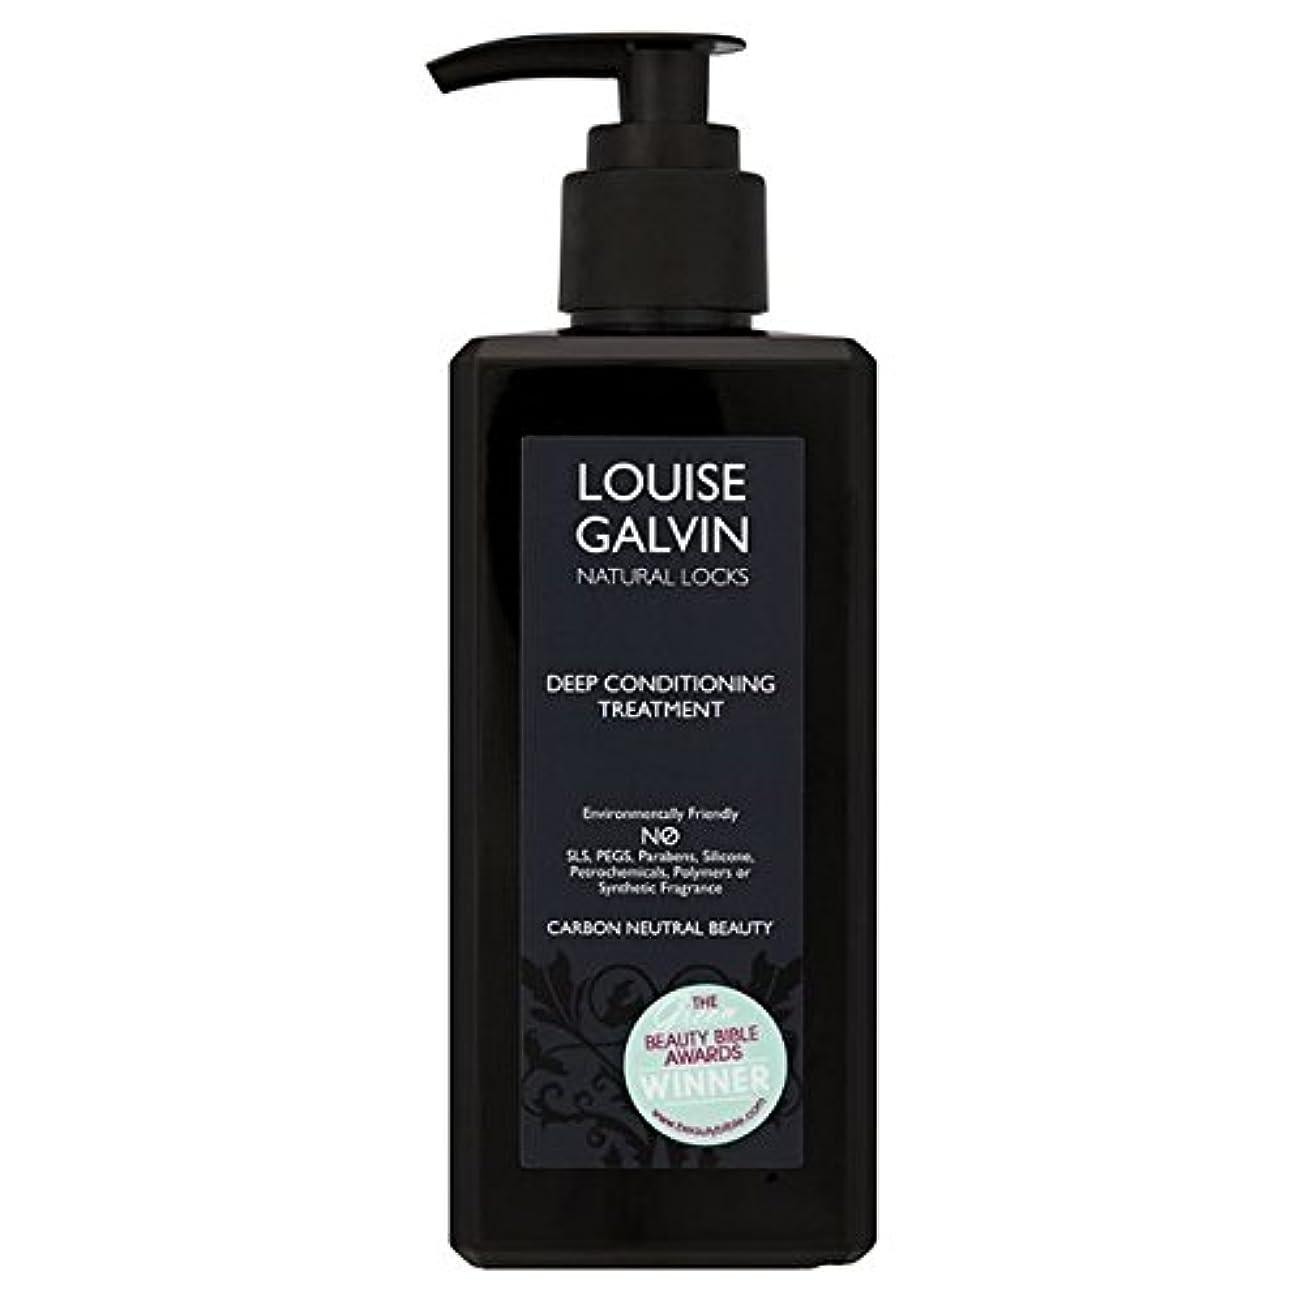 トーナメント範囲ロシアLouise Galvin Pure Shine Conditioner For Normal Hair 300ml - ノーマルヘア300ミリリットルのためのルイーズガルビン純粋な輝きコンディショナー [並行輸入品]